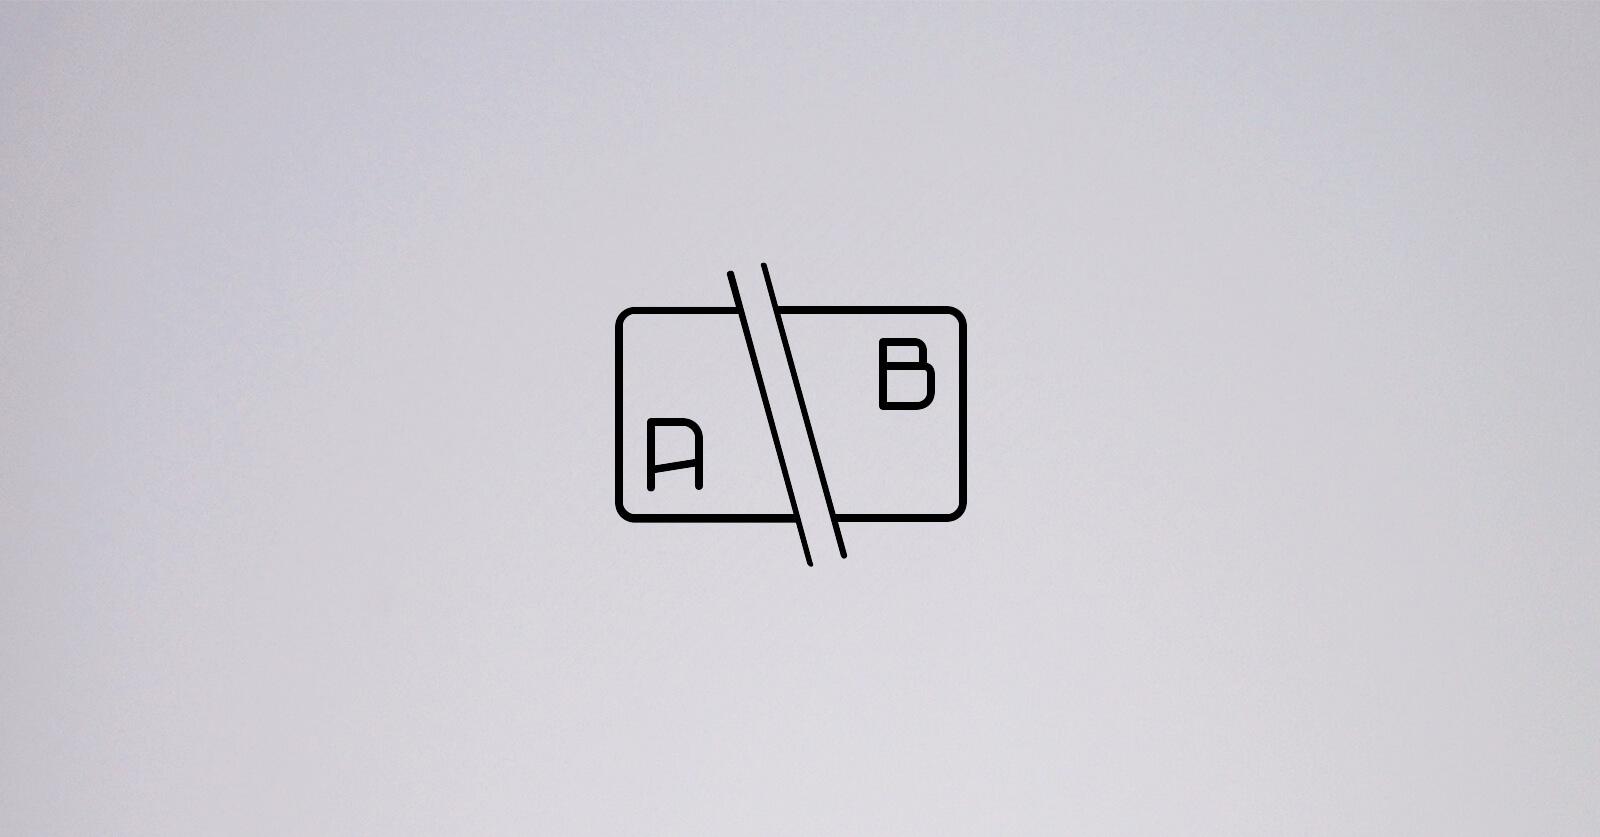 Öka din konvertering med hjälp av A/B-tester